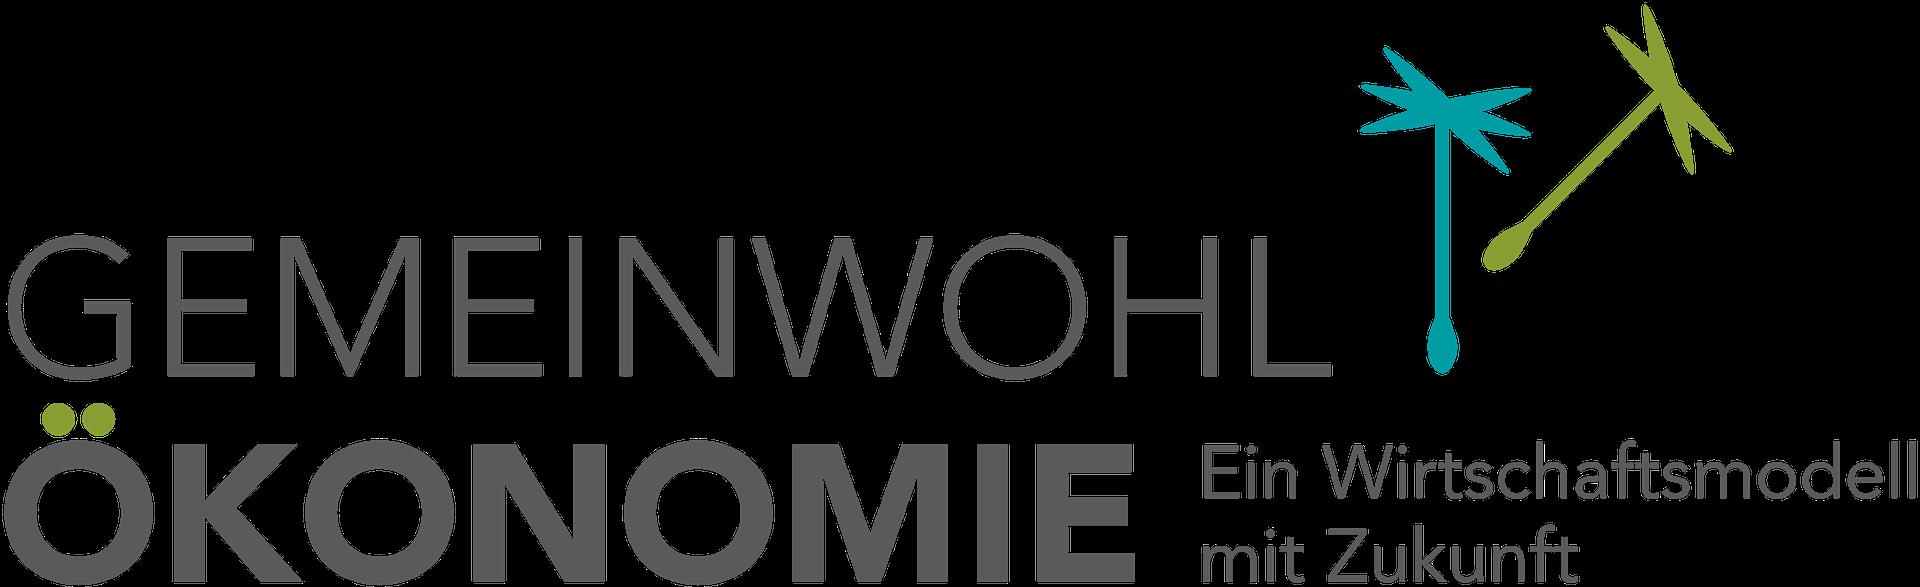 Gemeinwohl-Ökonomie Berlin-Brandenburg e.V.